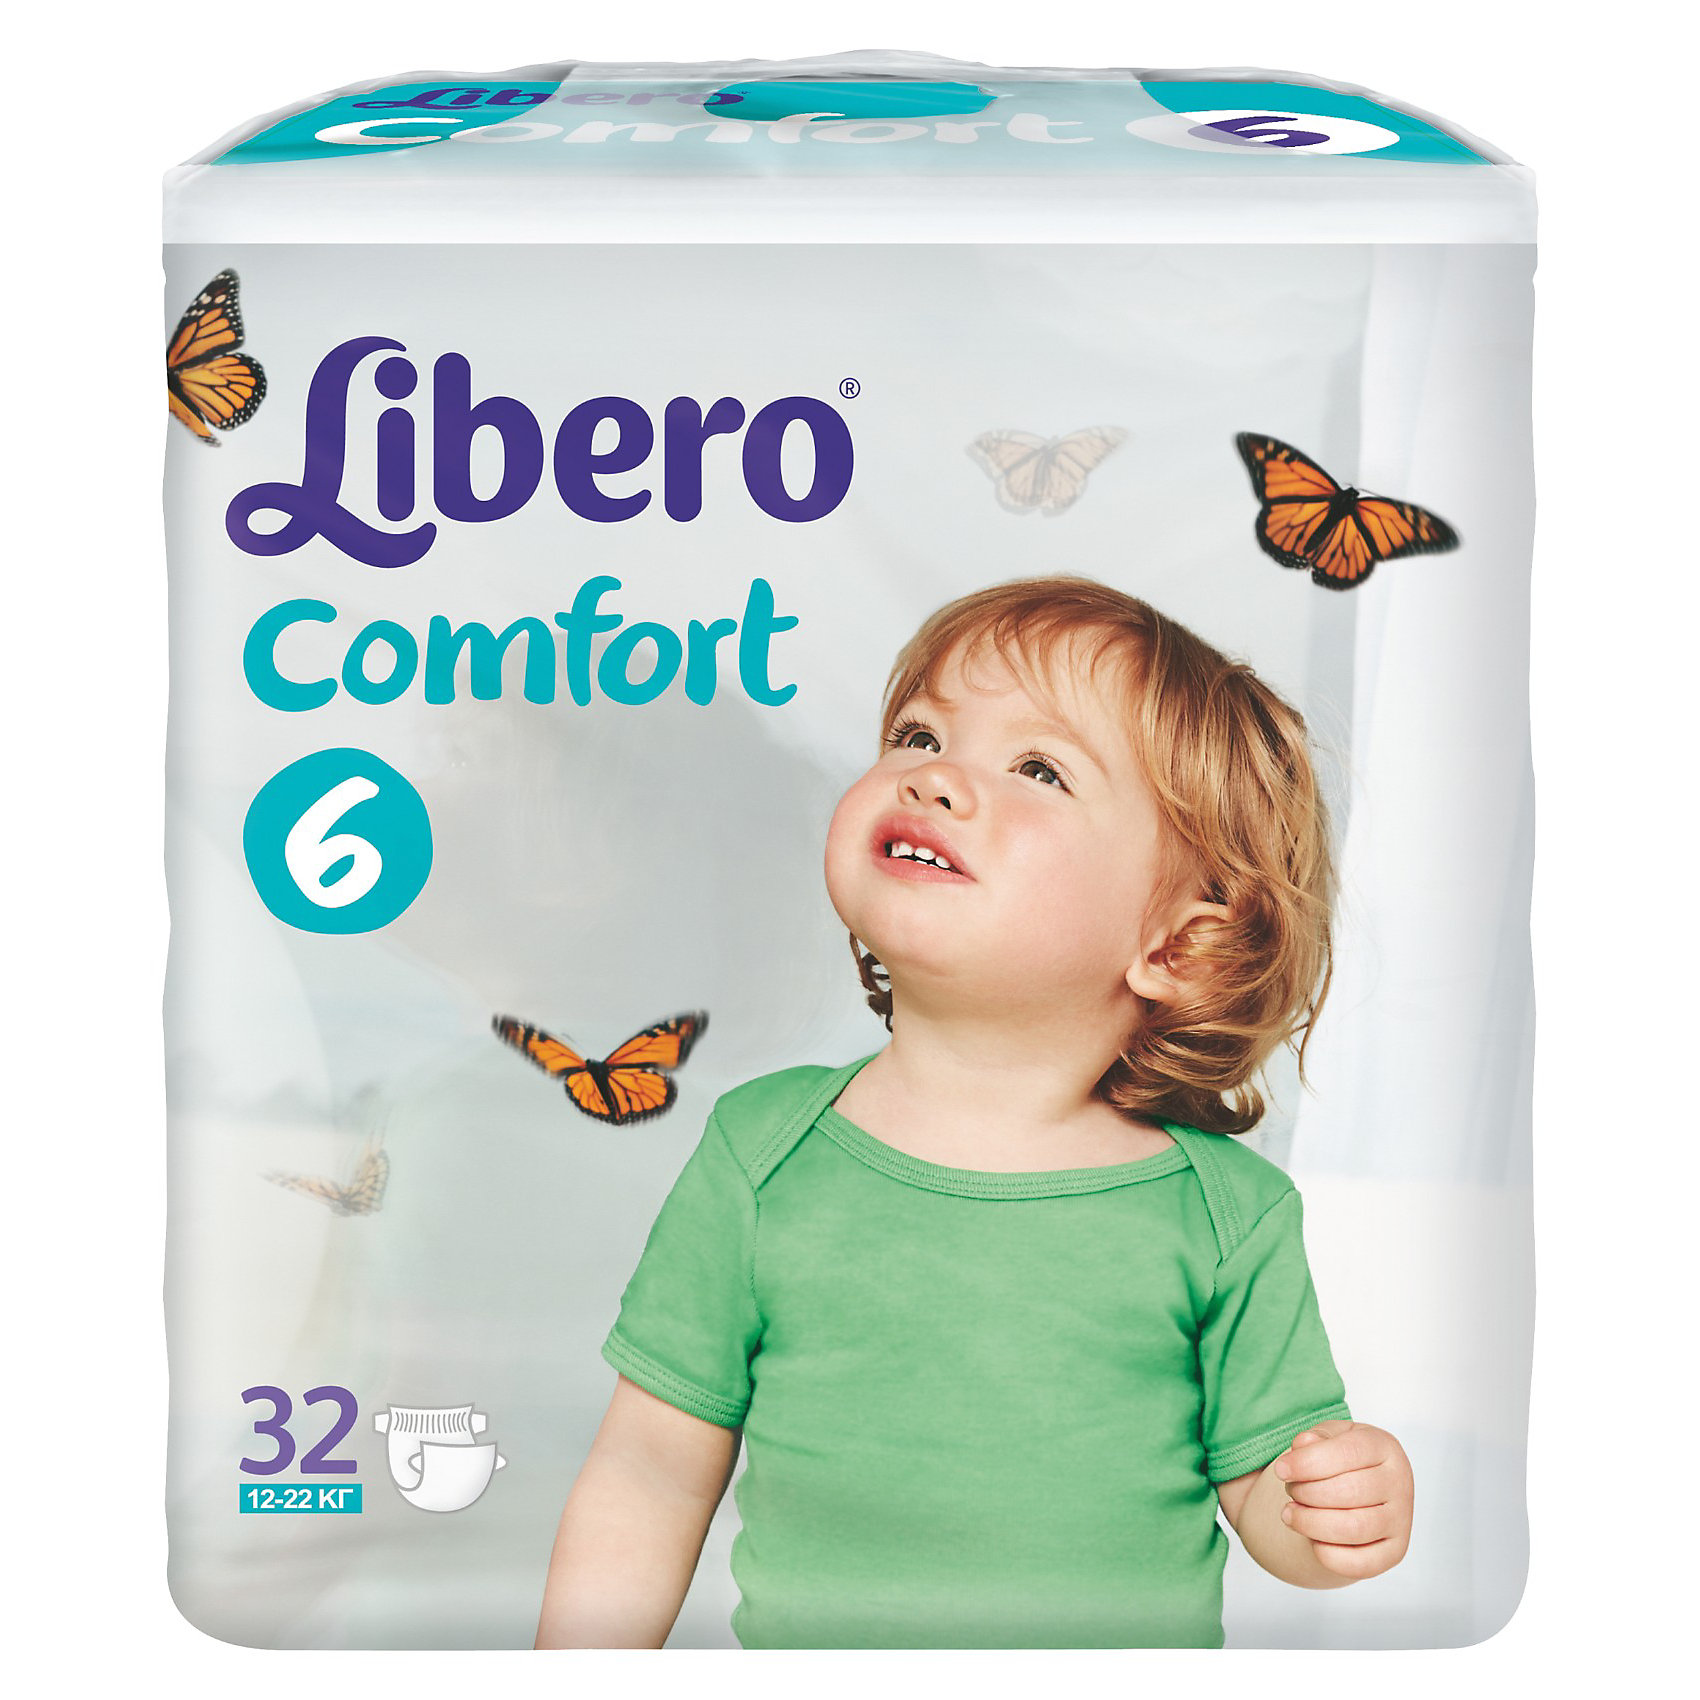 Подгузники Libero Comfort, XL 12-22 кг (6), 32 шт.Подгузники<br>Ультратонкие и мягкие подгузники с плотным абсорбционным слоем Libero Comfort (Либеро Комфорт), изготовленные из натуральных материалов, предотвращают возникновение сыпи и зуда, а также сохраняют кожу сухой в течение 12 часов. Широкие тянущиеся боковинки и эластичный поясок обеспечивают комфортное прилегание и защищают от протеканий. Мягкие барьерчики анатомической формы вокруг ножек не натирают нежную кожу, а микроскопические отверстия обеспечивают циркуляцию воздуха, чтобы попка не сопрела. На поясе расположен цветной индикатор, который поможет подобрать памперс по размеру: в правильном положении застежки должны находиться по центру.<br><br>Дополнительная информация:<br><br>- Размер: 6, XL 12-22 кг<br>- В упаковке: 32 шт. <br><br>Подгузники Libero Comfort (Либеро Комфорт), XL 12-22 кг (6), 32 шт. можно купить в нашем интернет-магазине.<br><br>Ширина мм: 127<br>Глубина мм: 240<br>Высота мм: 240<br>Вес г: 1278<br>Возраст от месяцев: 12<br>Возраст до месяцев: 72<br>Пол: Унисекс<br>Возраст: Детский<br>SKU: 3517618